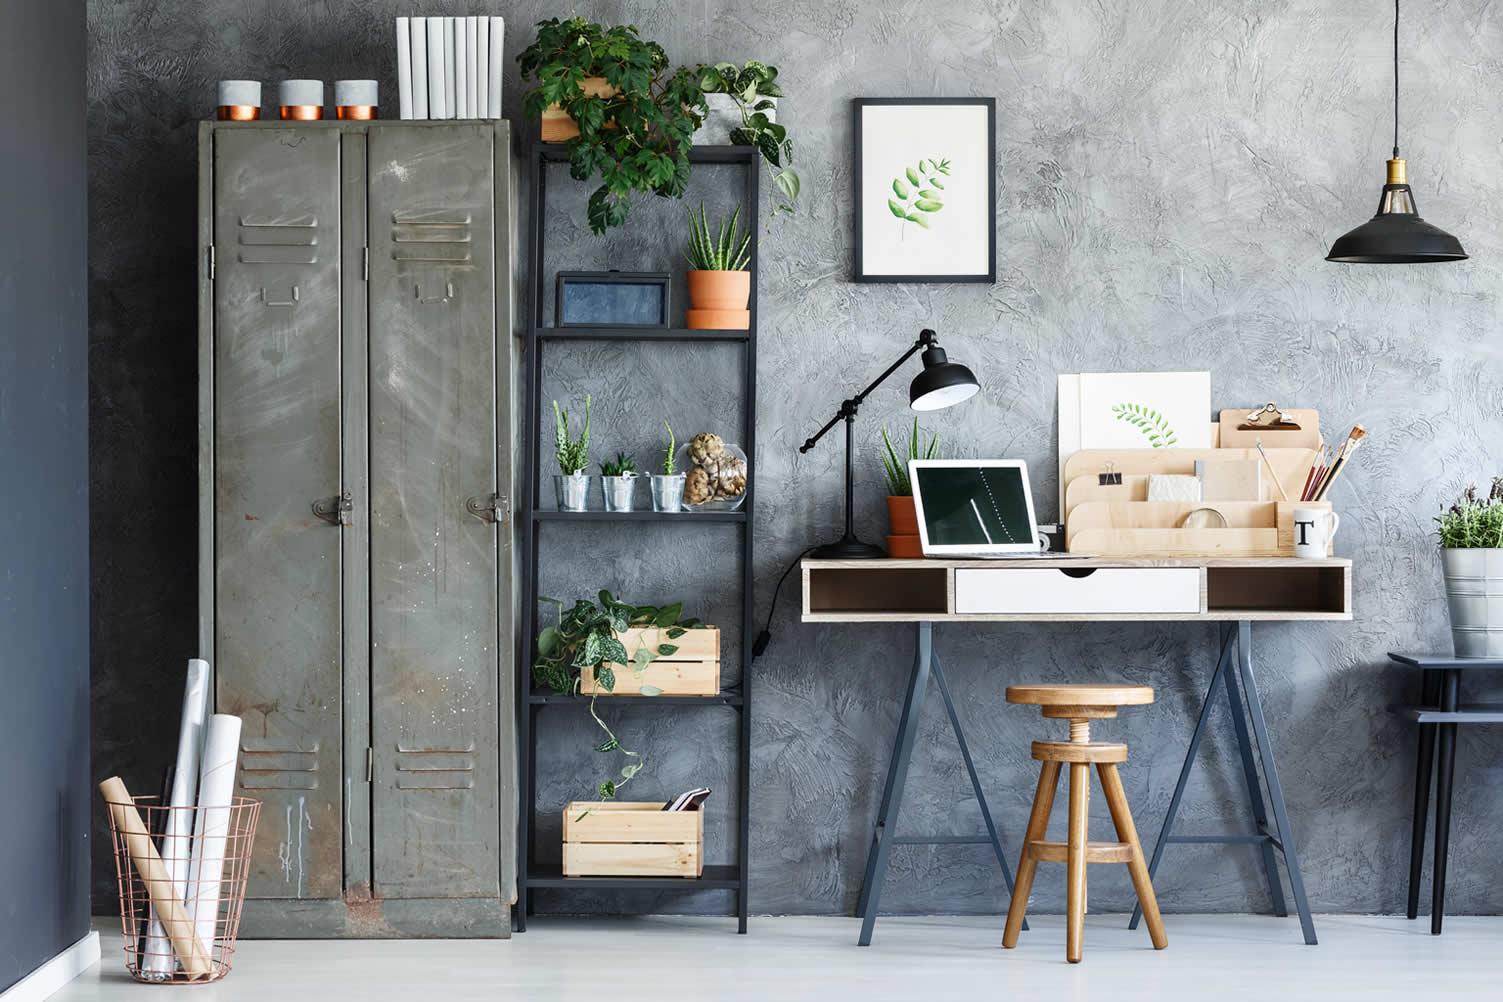 officedesign_04